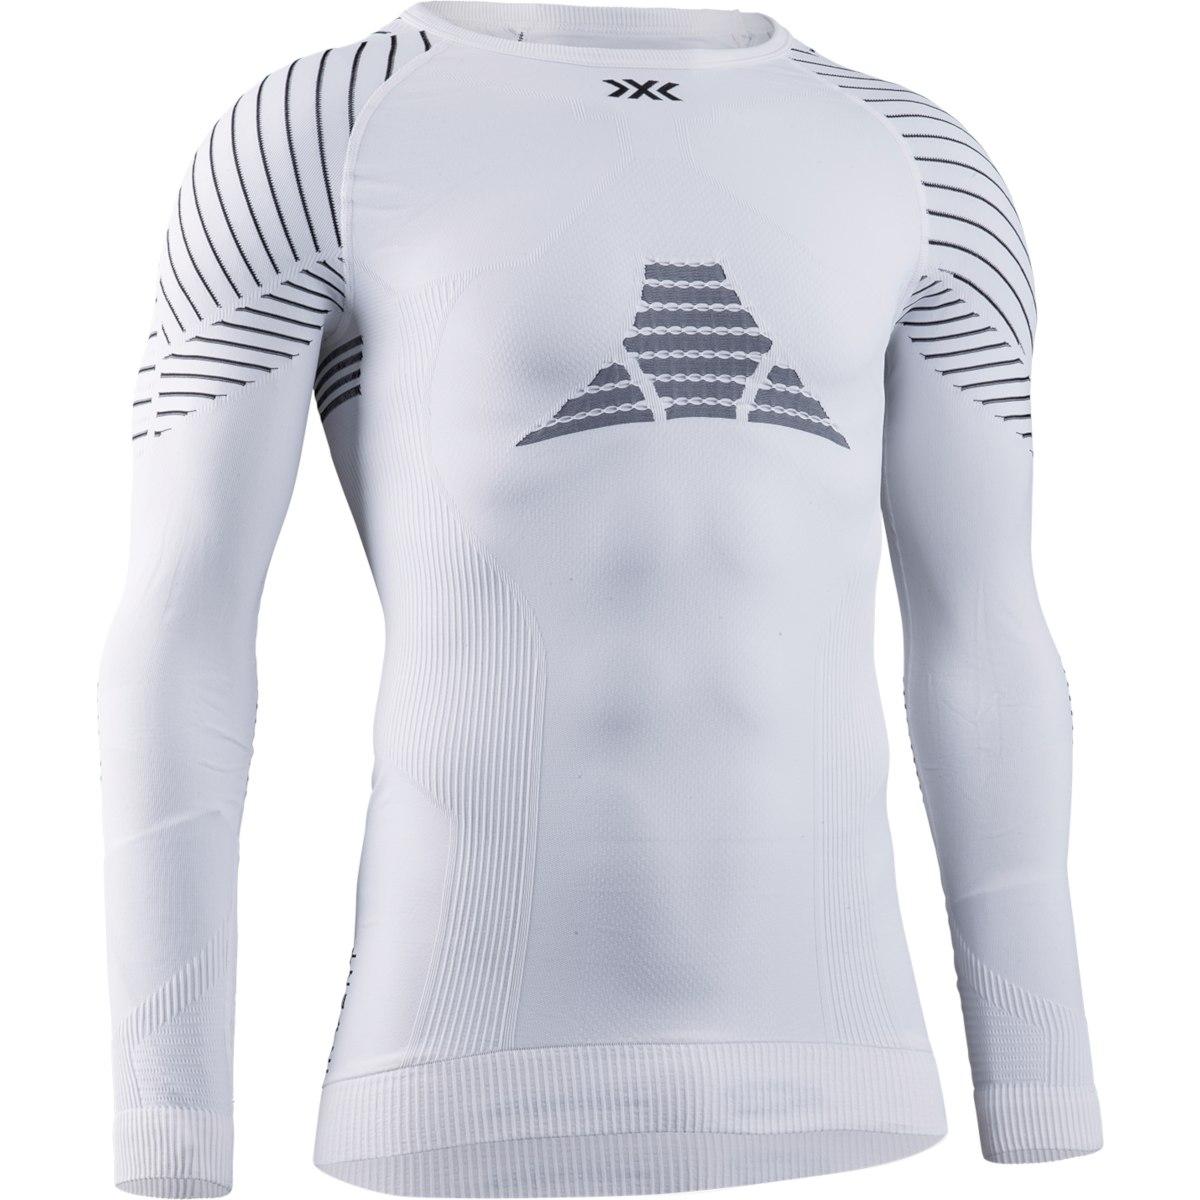 X-Bionic Invent 4.0 Cuello redondo Camiseta de manga larga para hombre - white/black